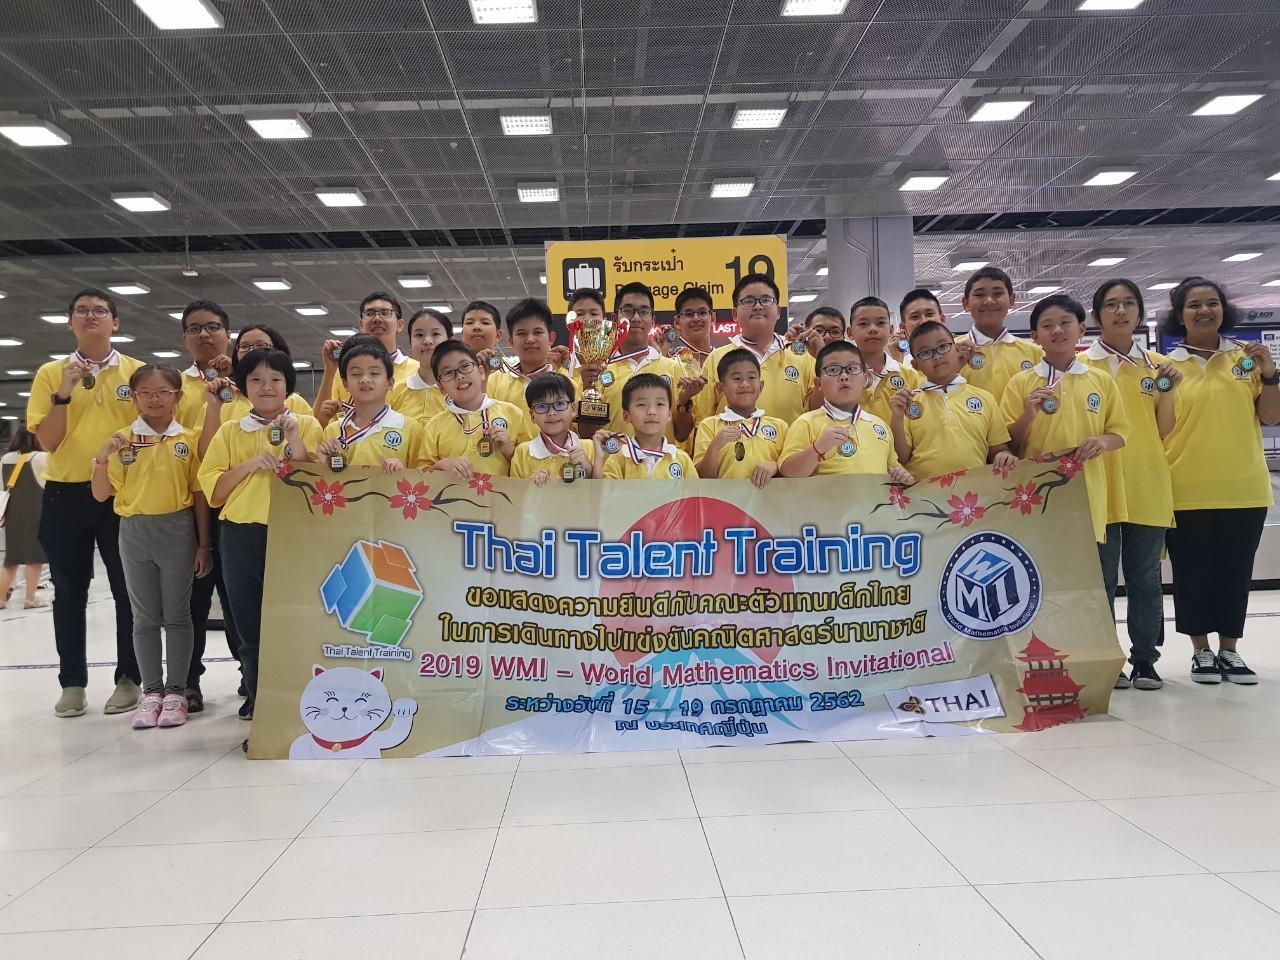 สุดเจ๋ง !! เด็กไทย กวาดรางวัล คณิตฯนานาชาติ